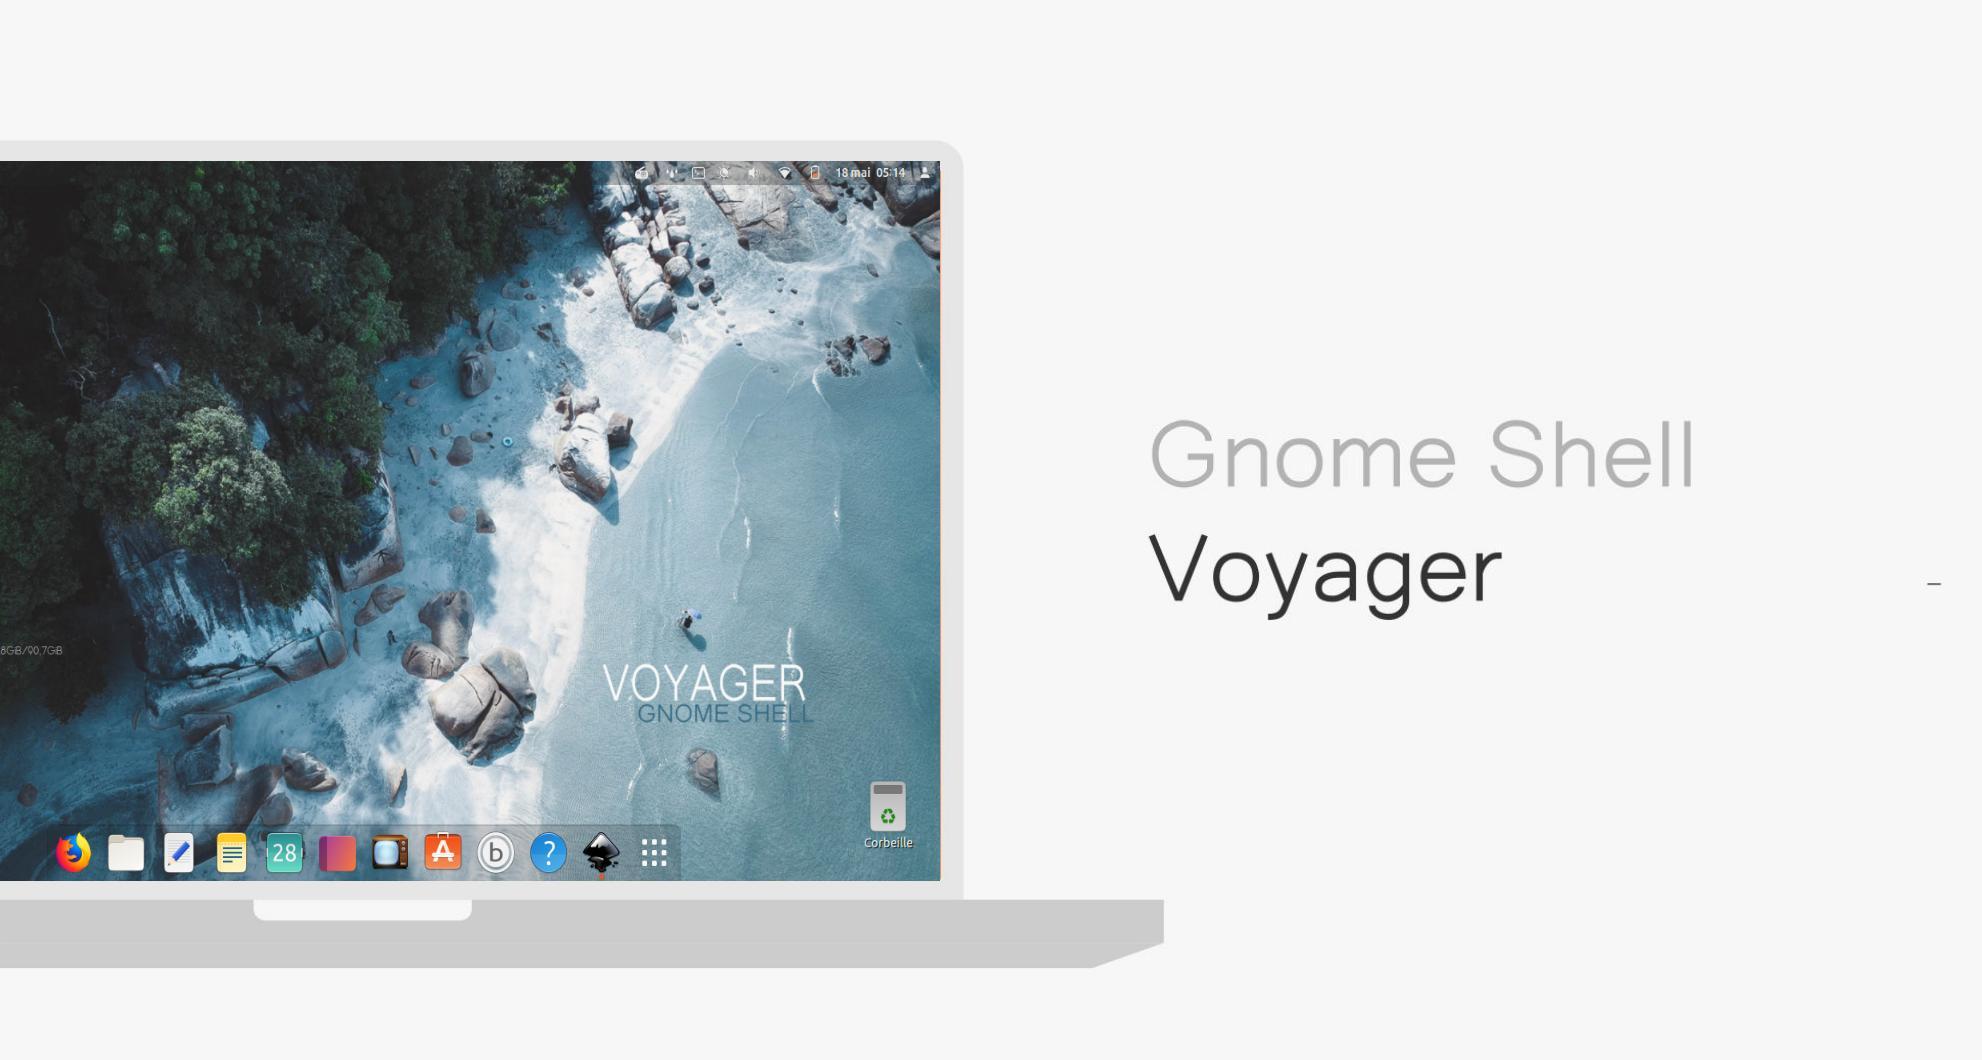 Voyager GE 19 04